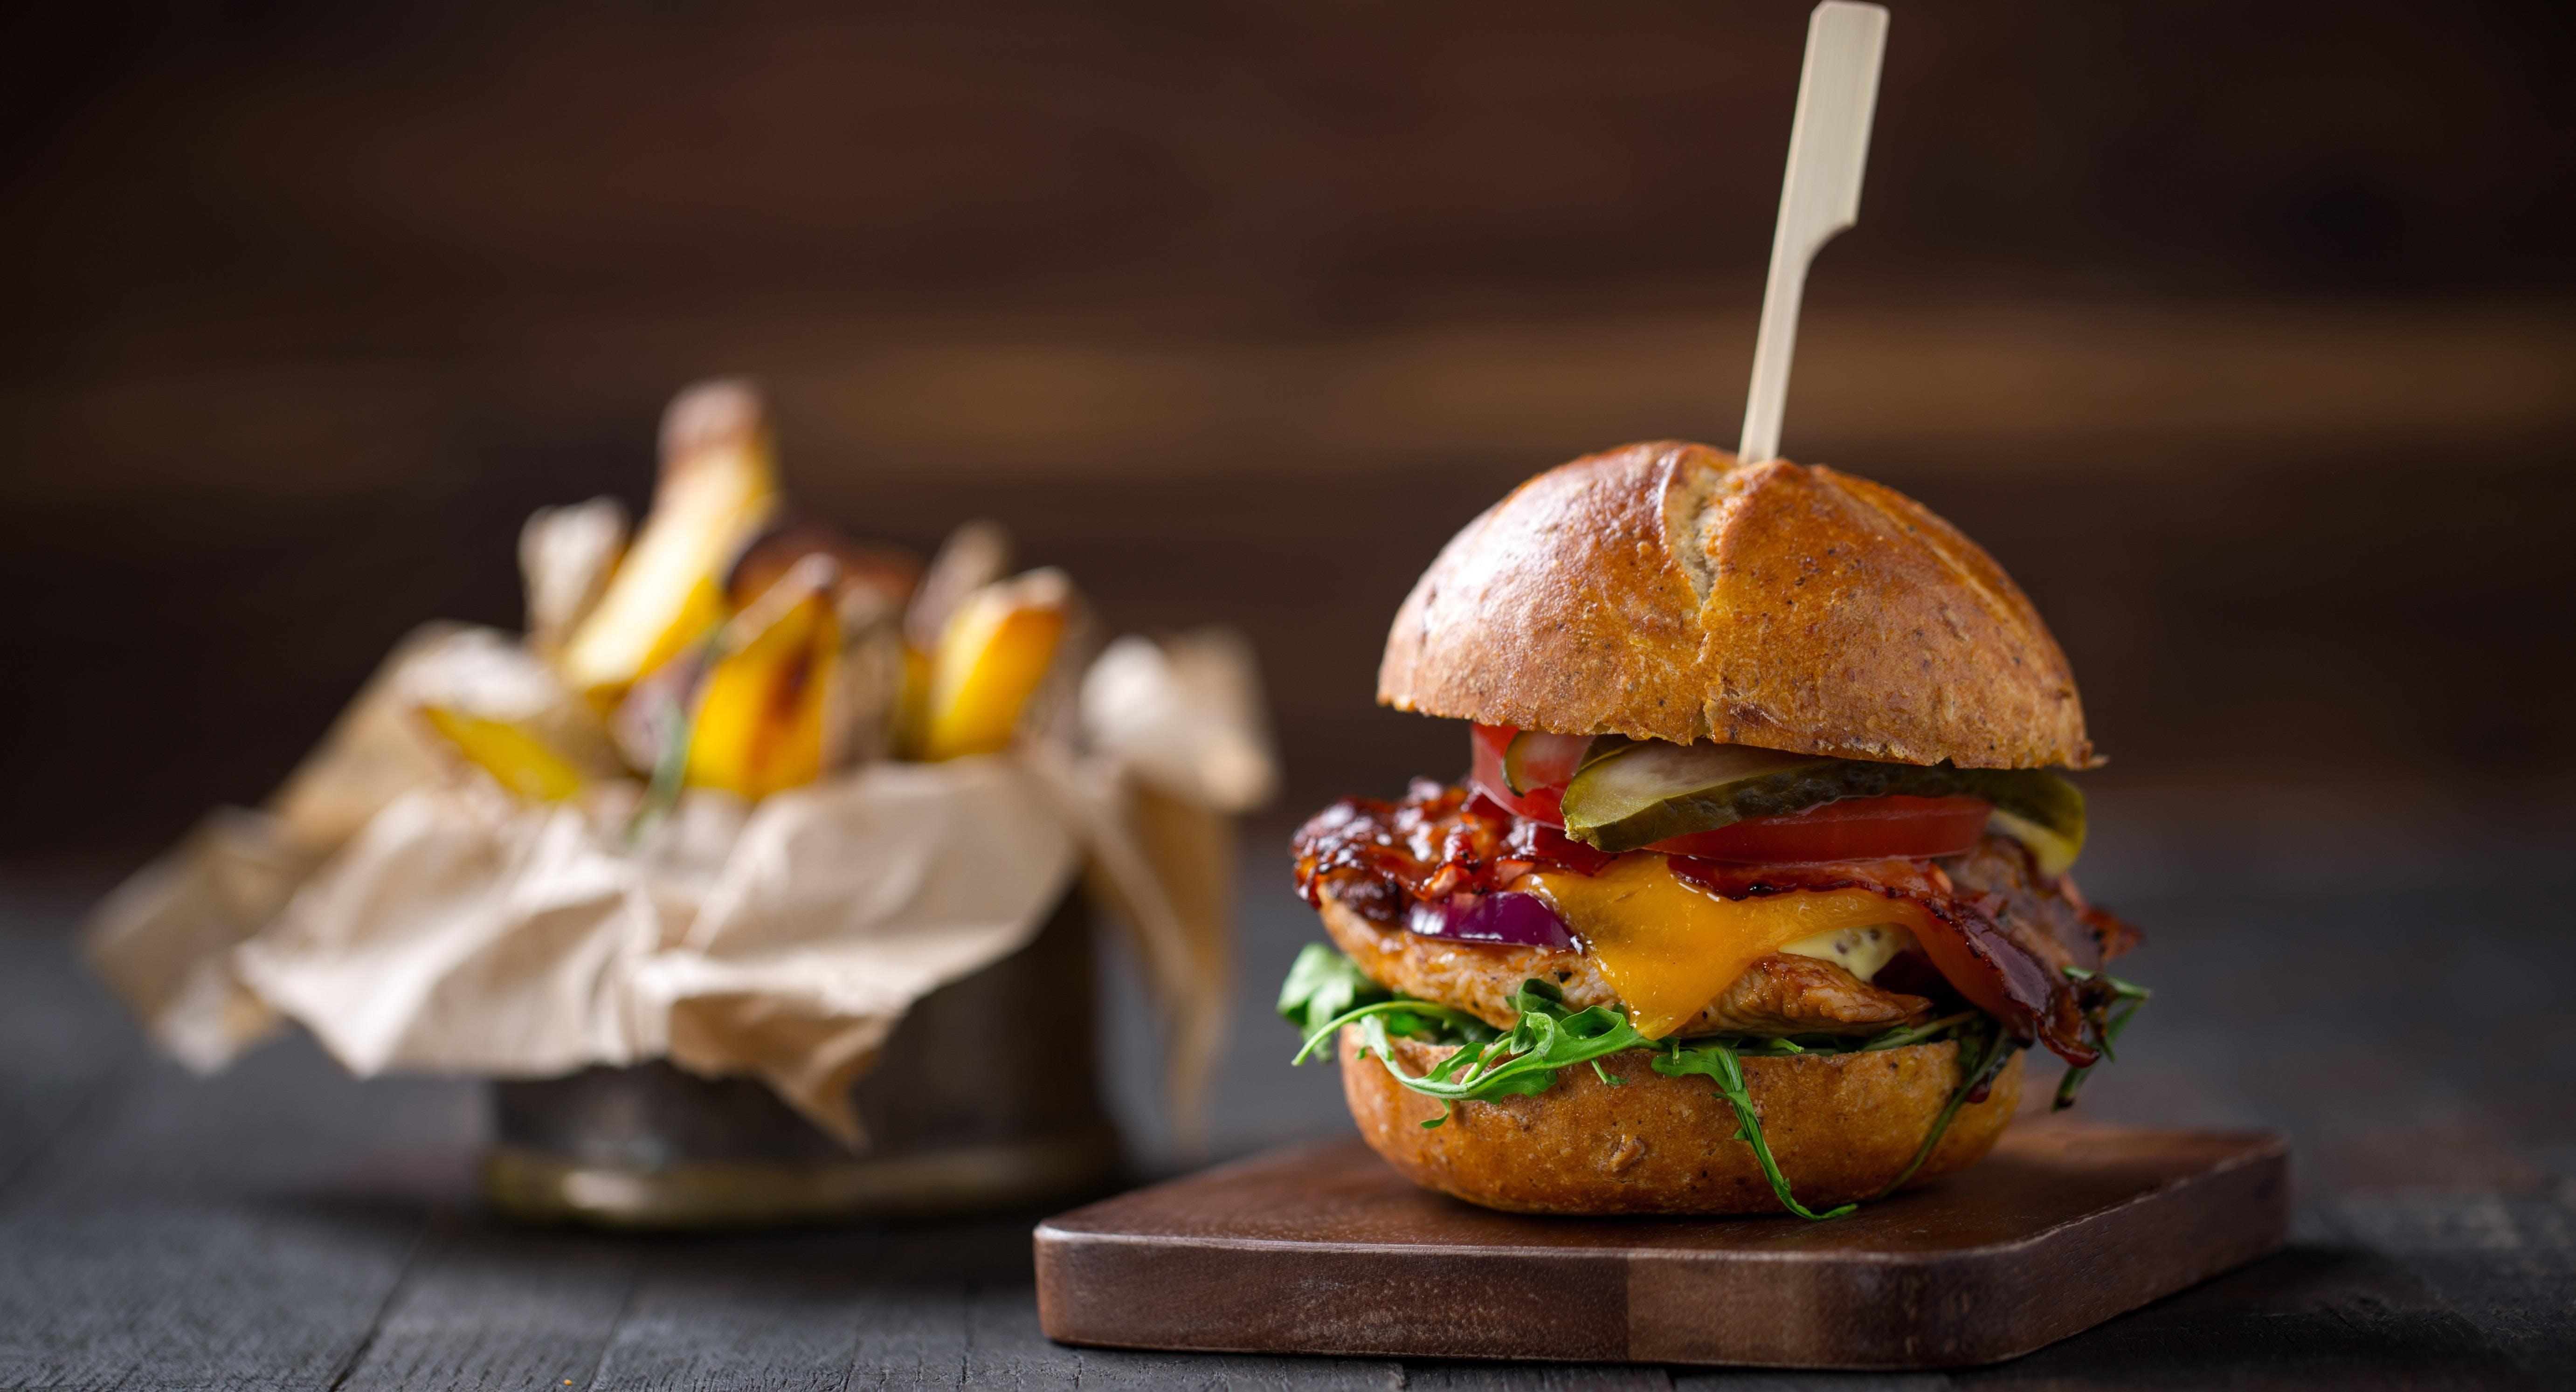 Butch Cassidy Café & Burger